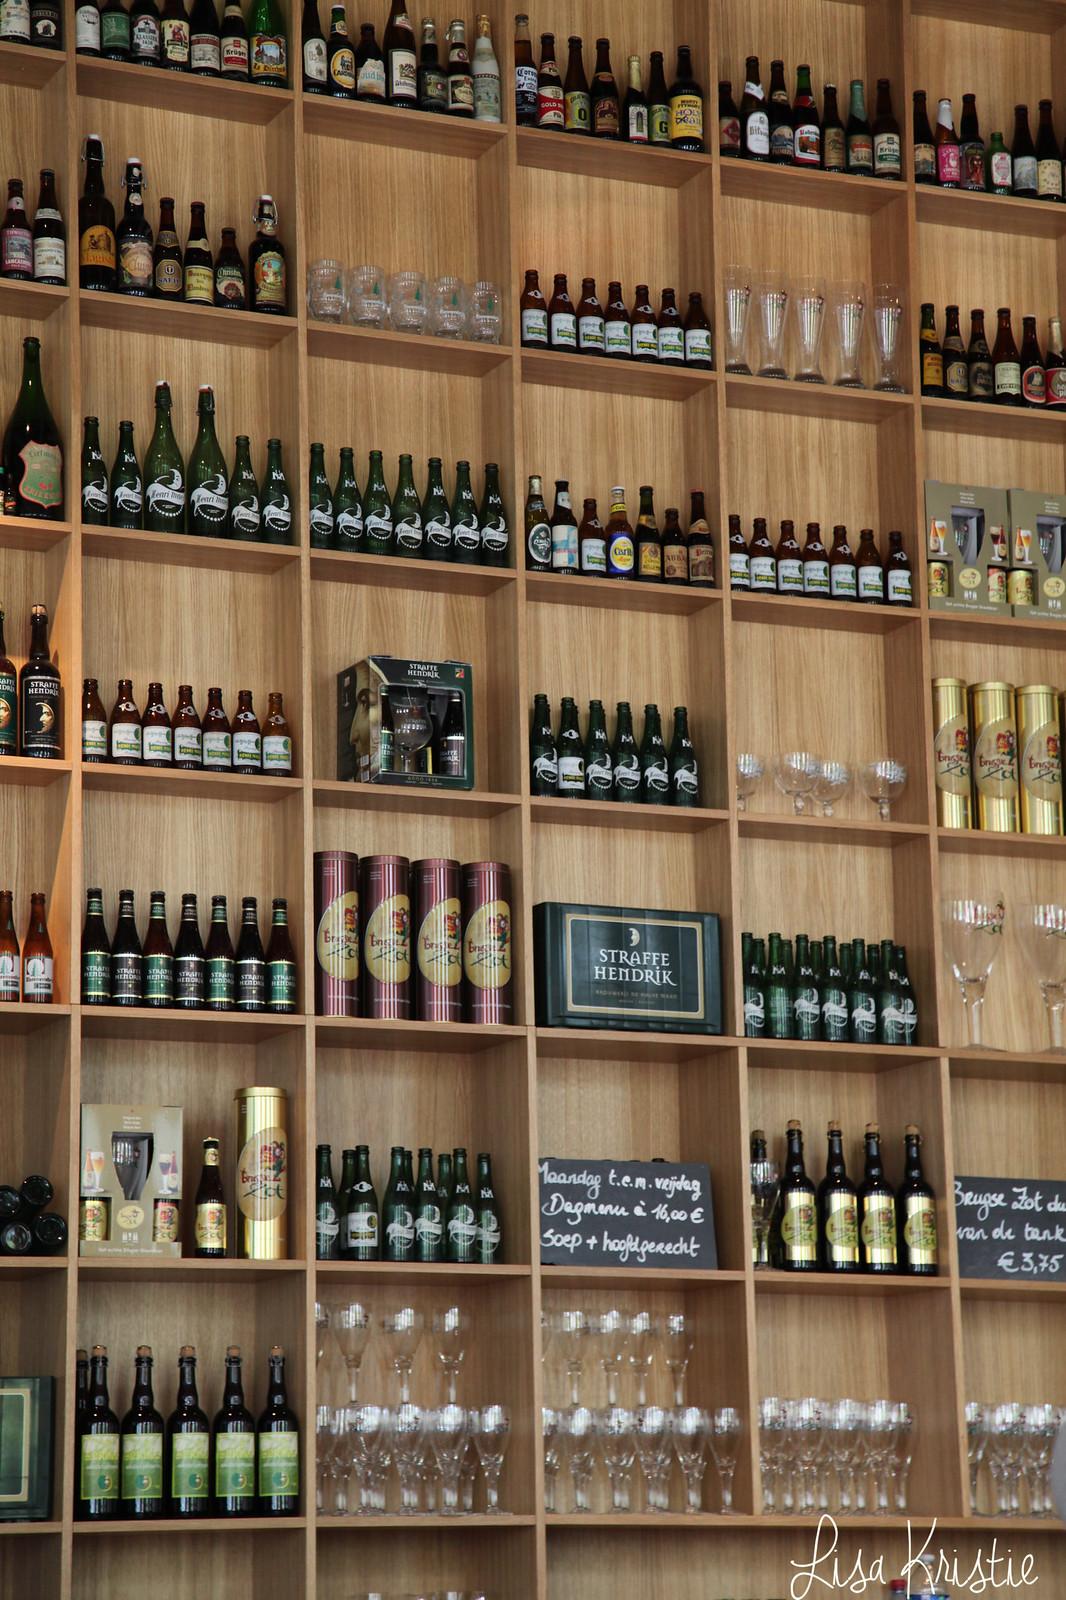 Brewery / Restaurant De Halve Maan brugge bruges belgium Huisbrouwerij Walplein 26 interior inside wall beer bottles high ceiling